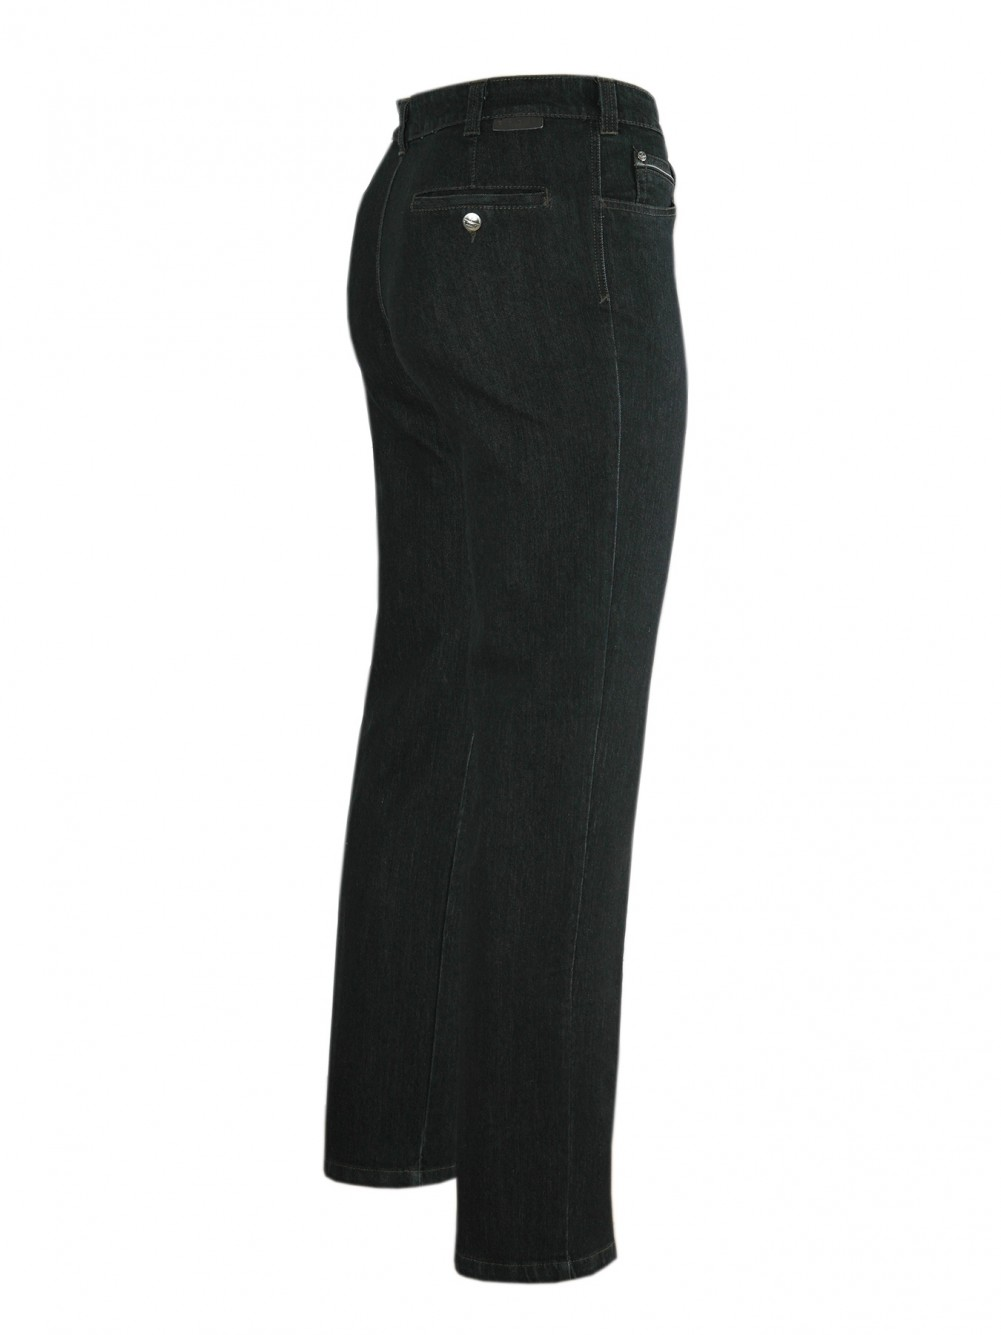 Stretch-Jeans, modische Stretchhosen für Herren - Black/Sietenansicht